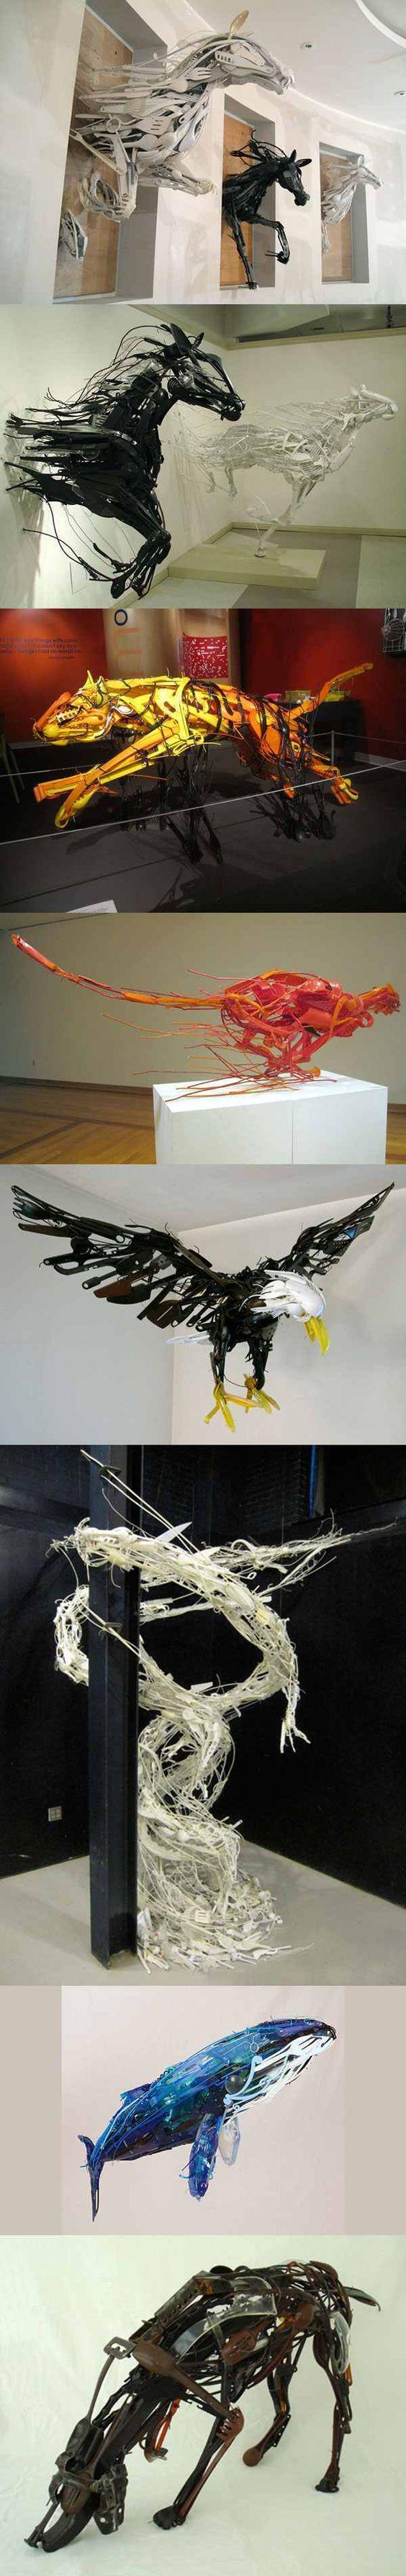 Sculpture recyclé | Sayaka Ganz: